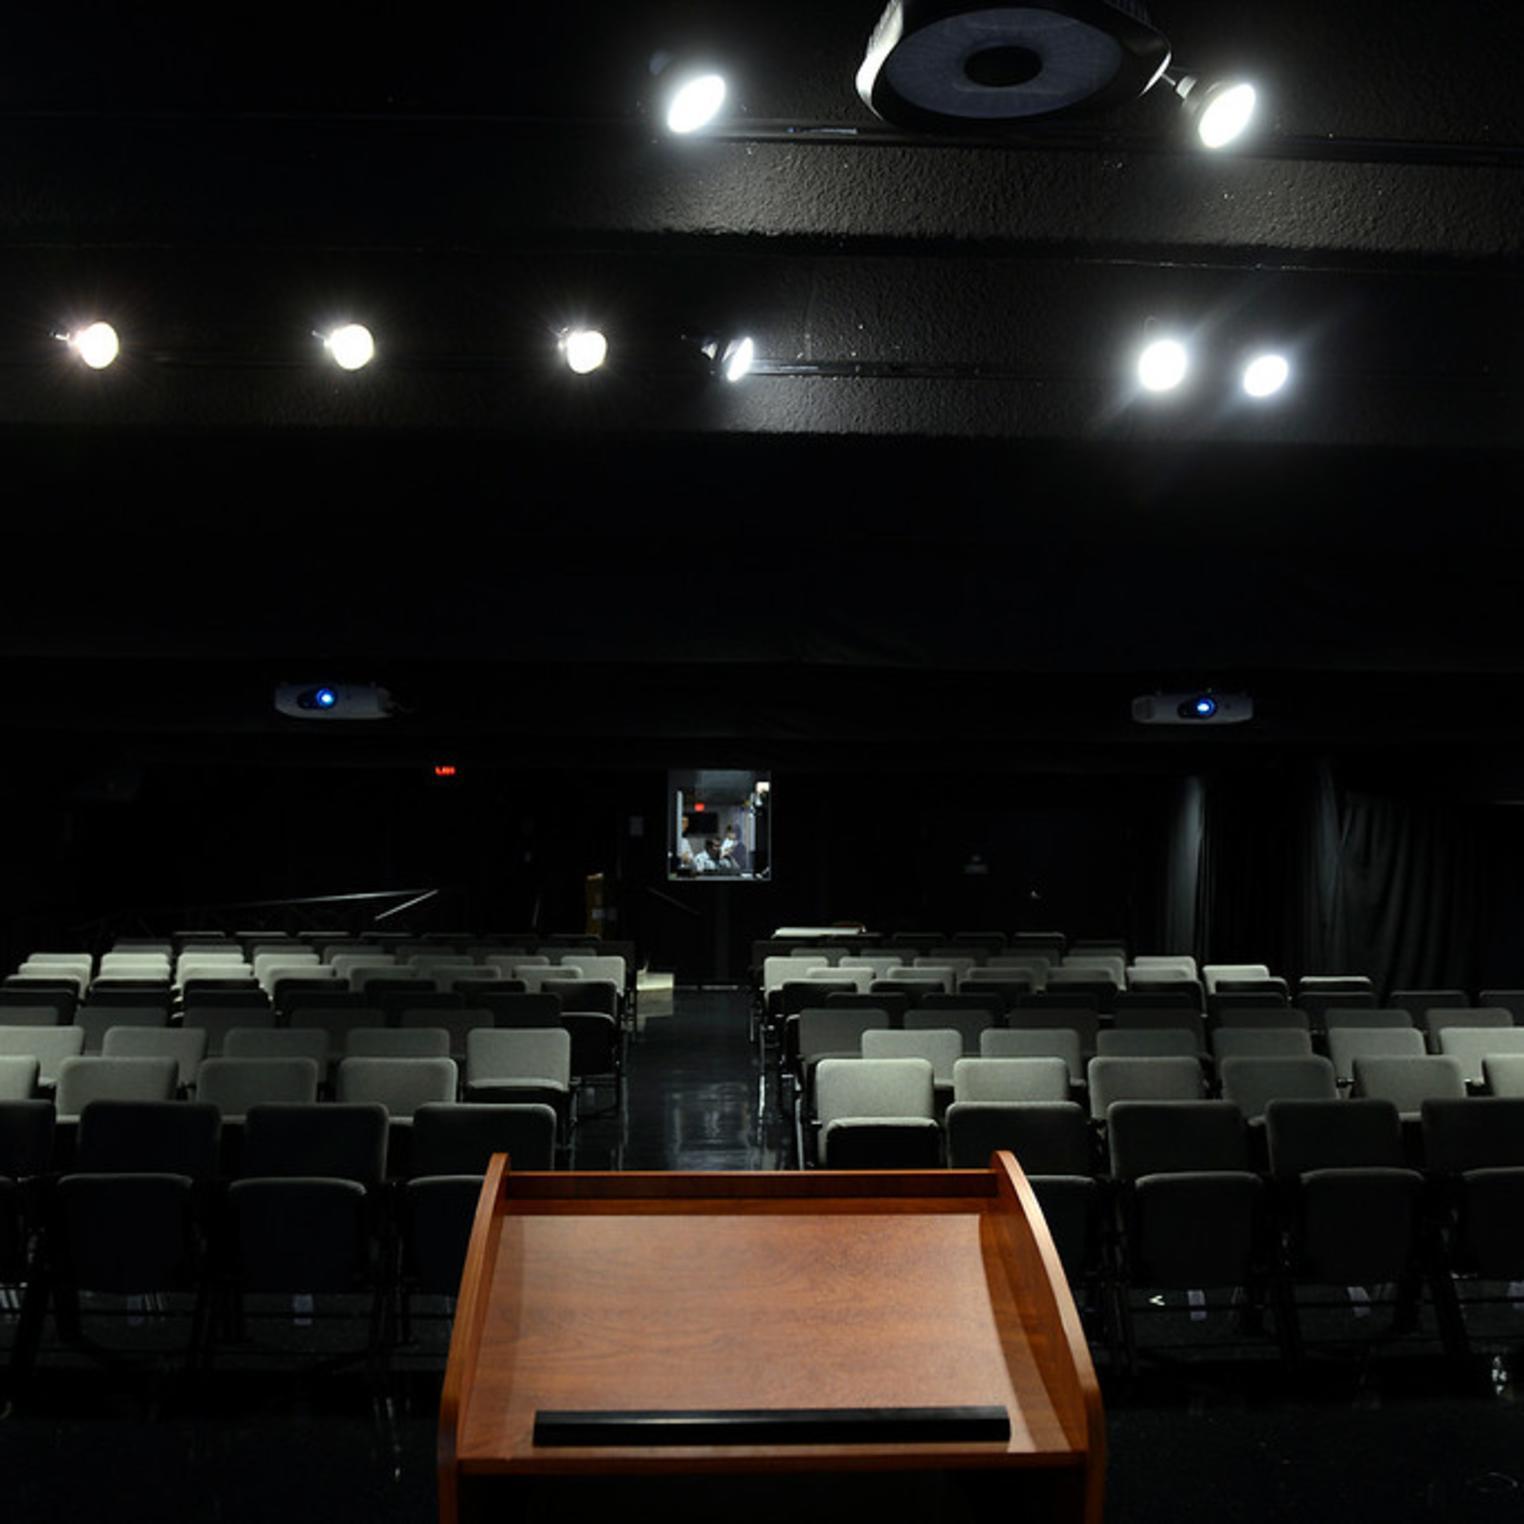 Capital BlueCross Theatre